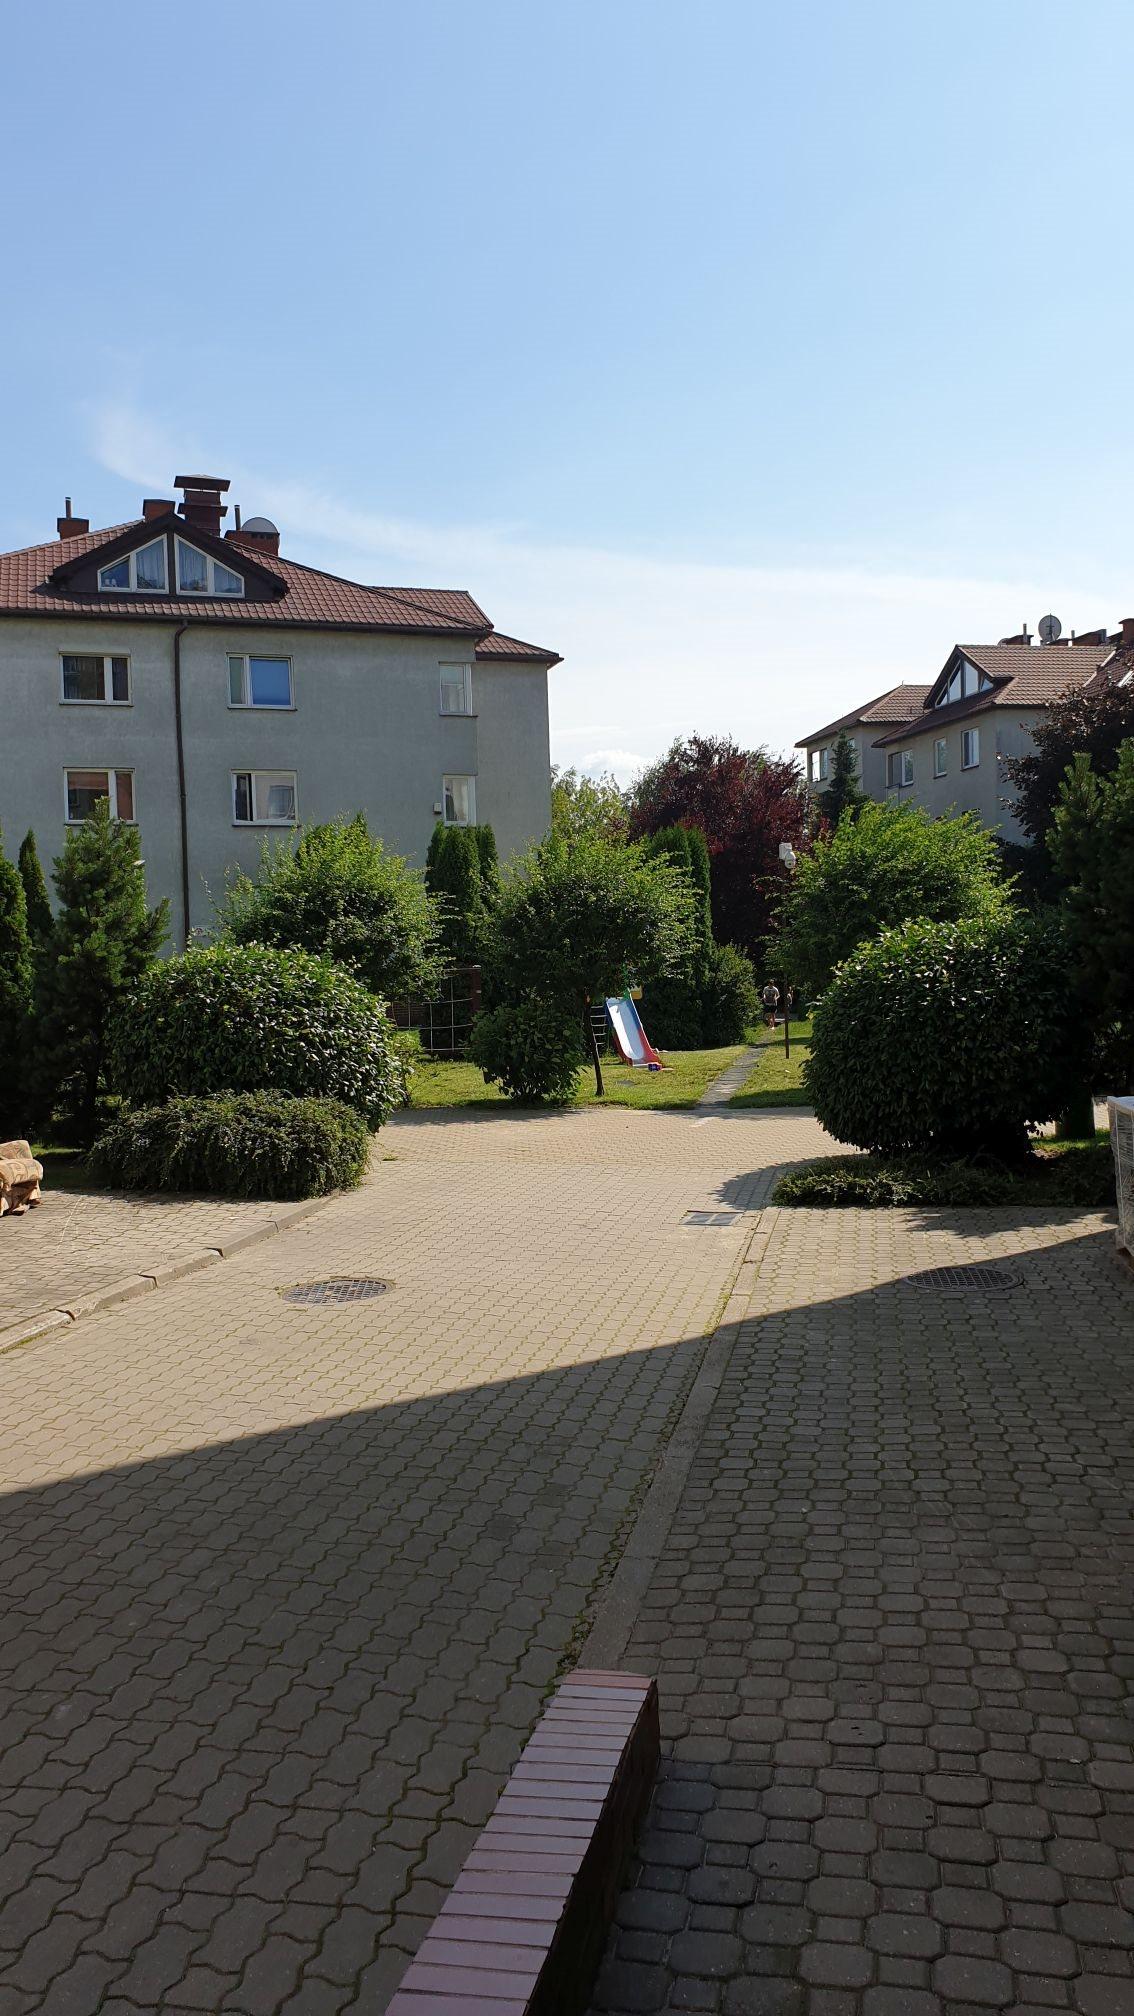 Mieszkanie dwupokojowe na wynajem Warszawa, Ochota, Opaczewska  63m2 Foto 1